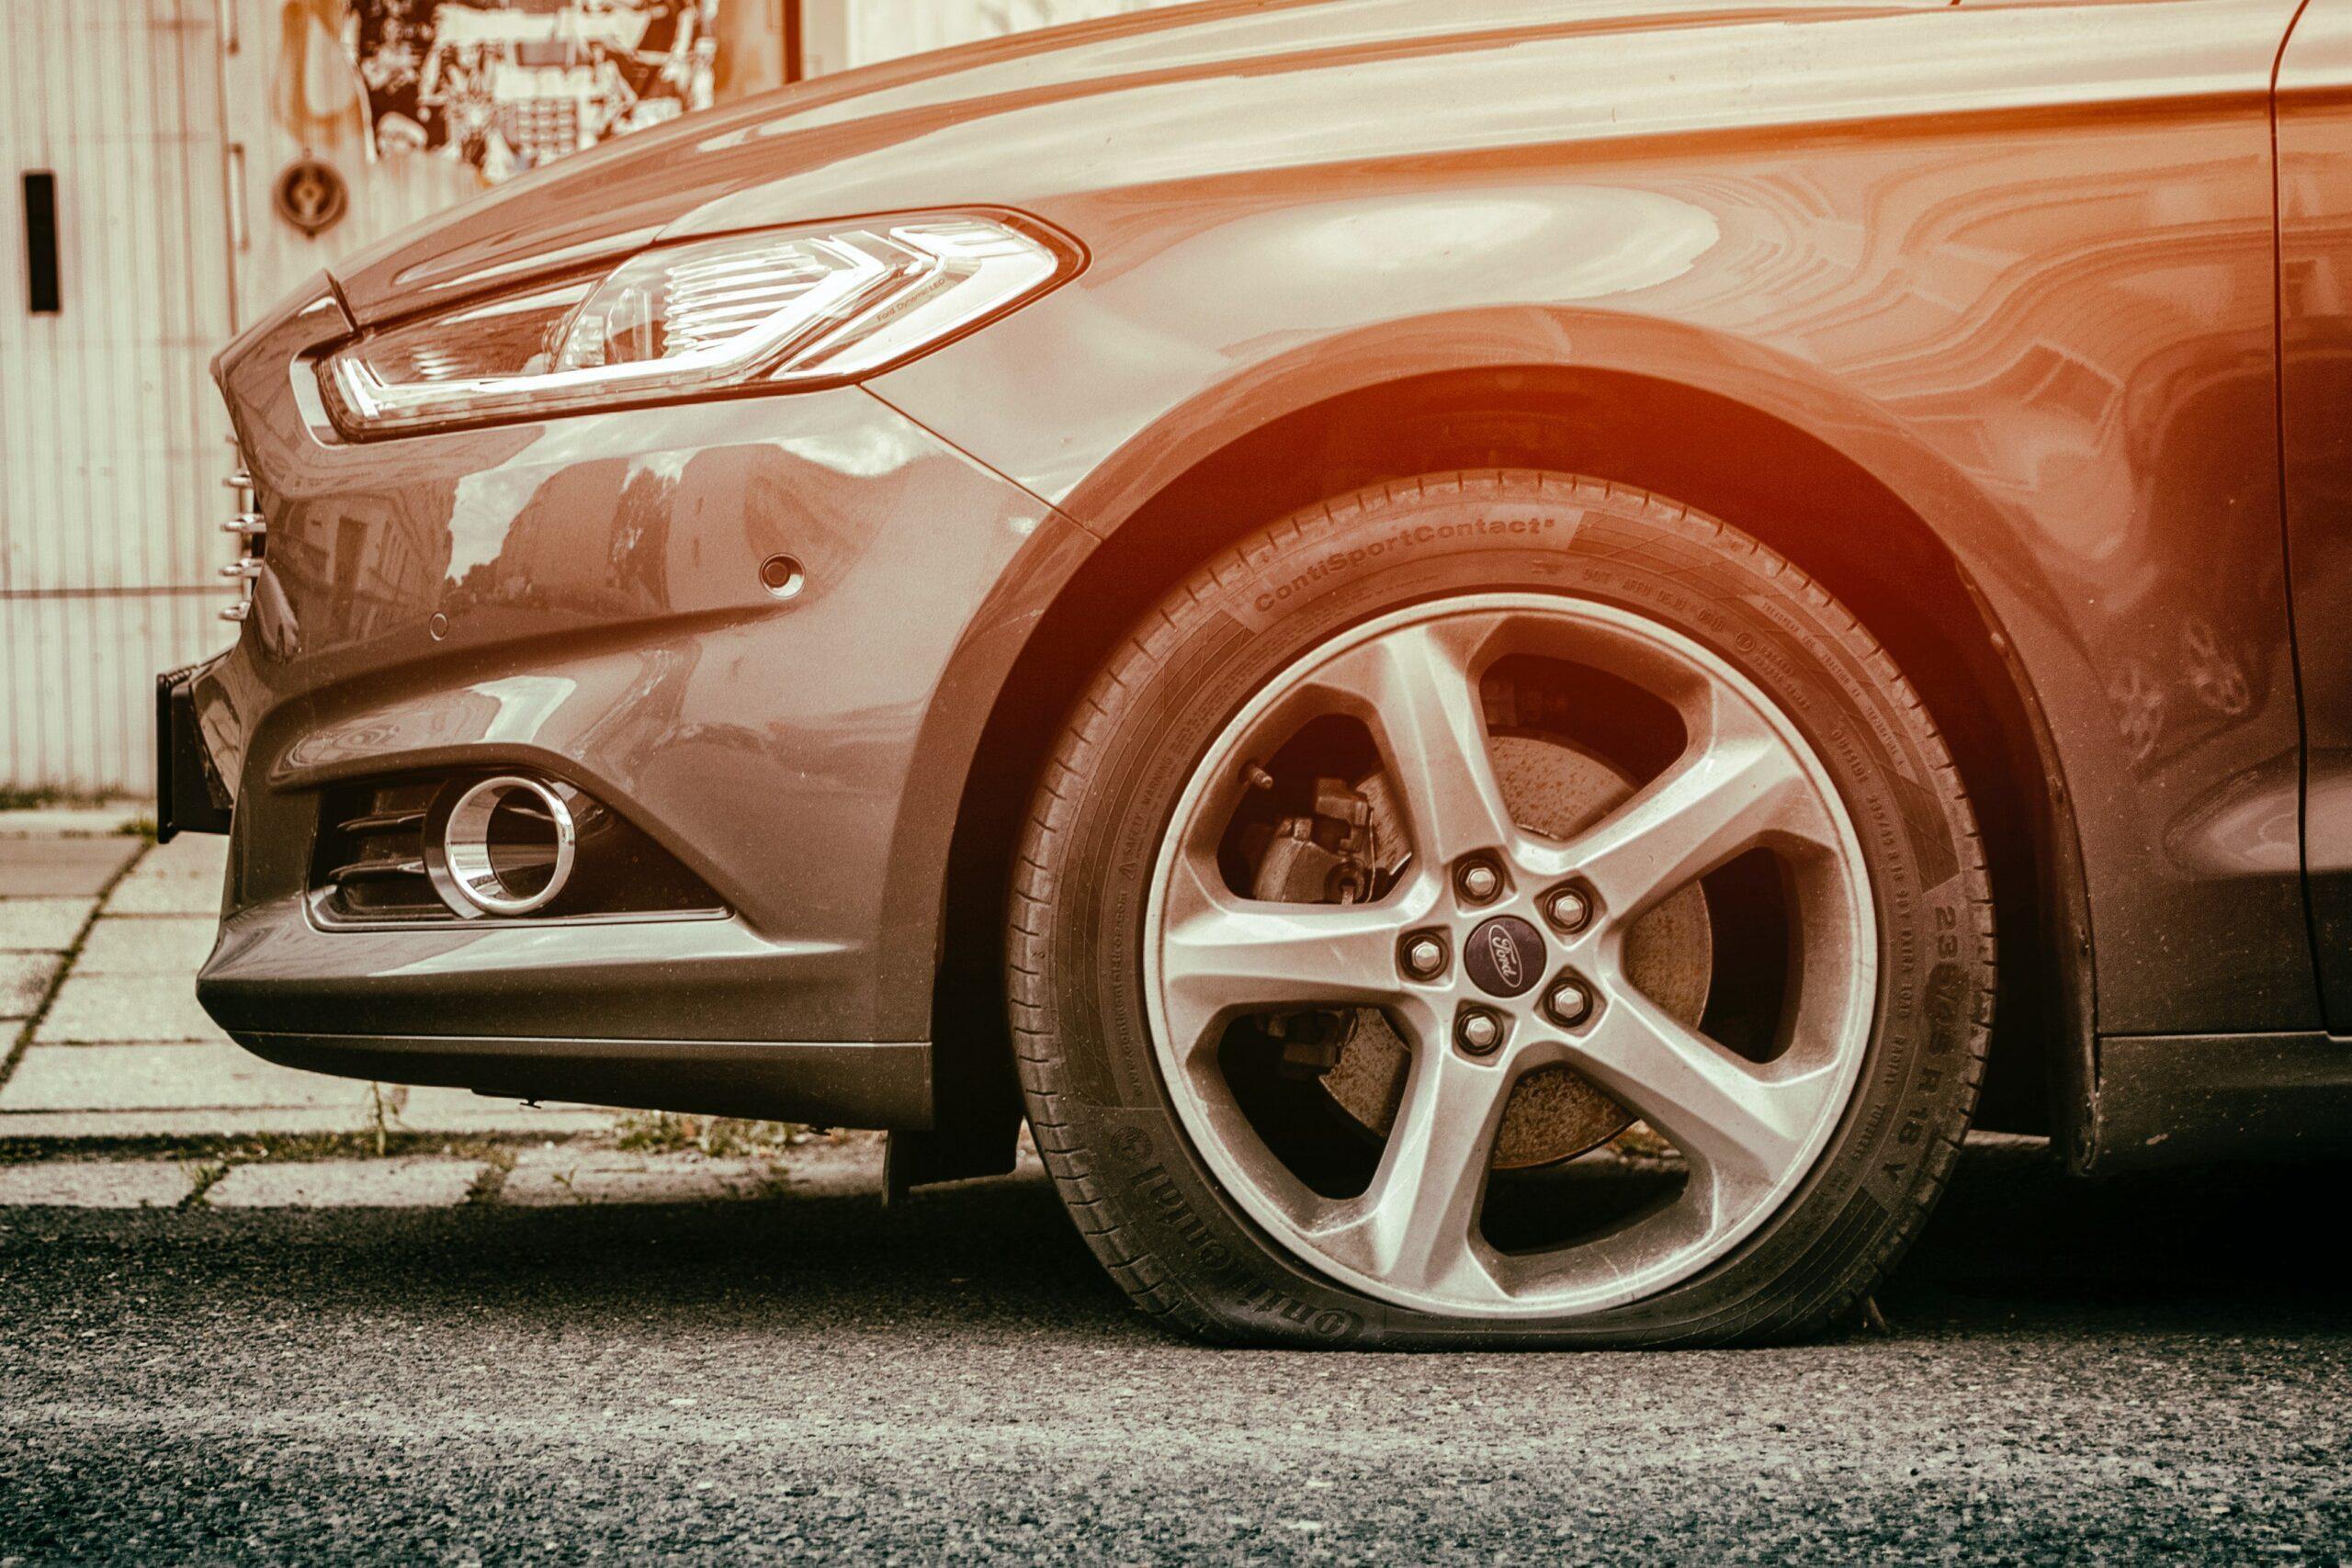 Comment connaître l'usure des pneus ? Pneu monté et dégonflé